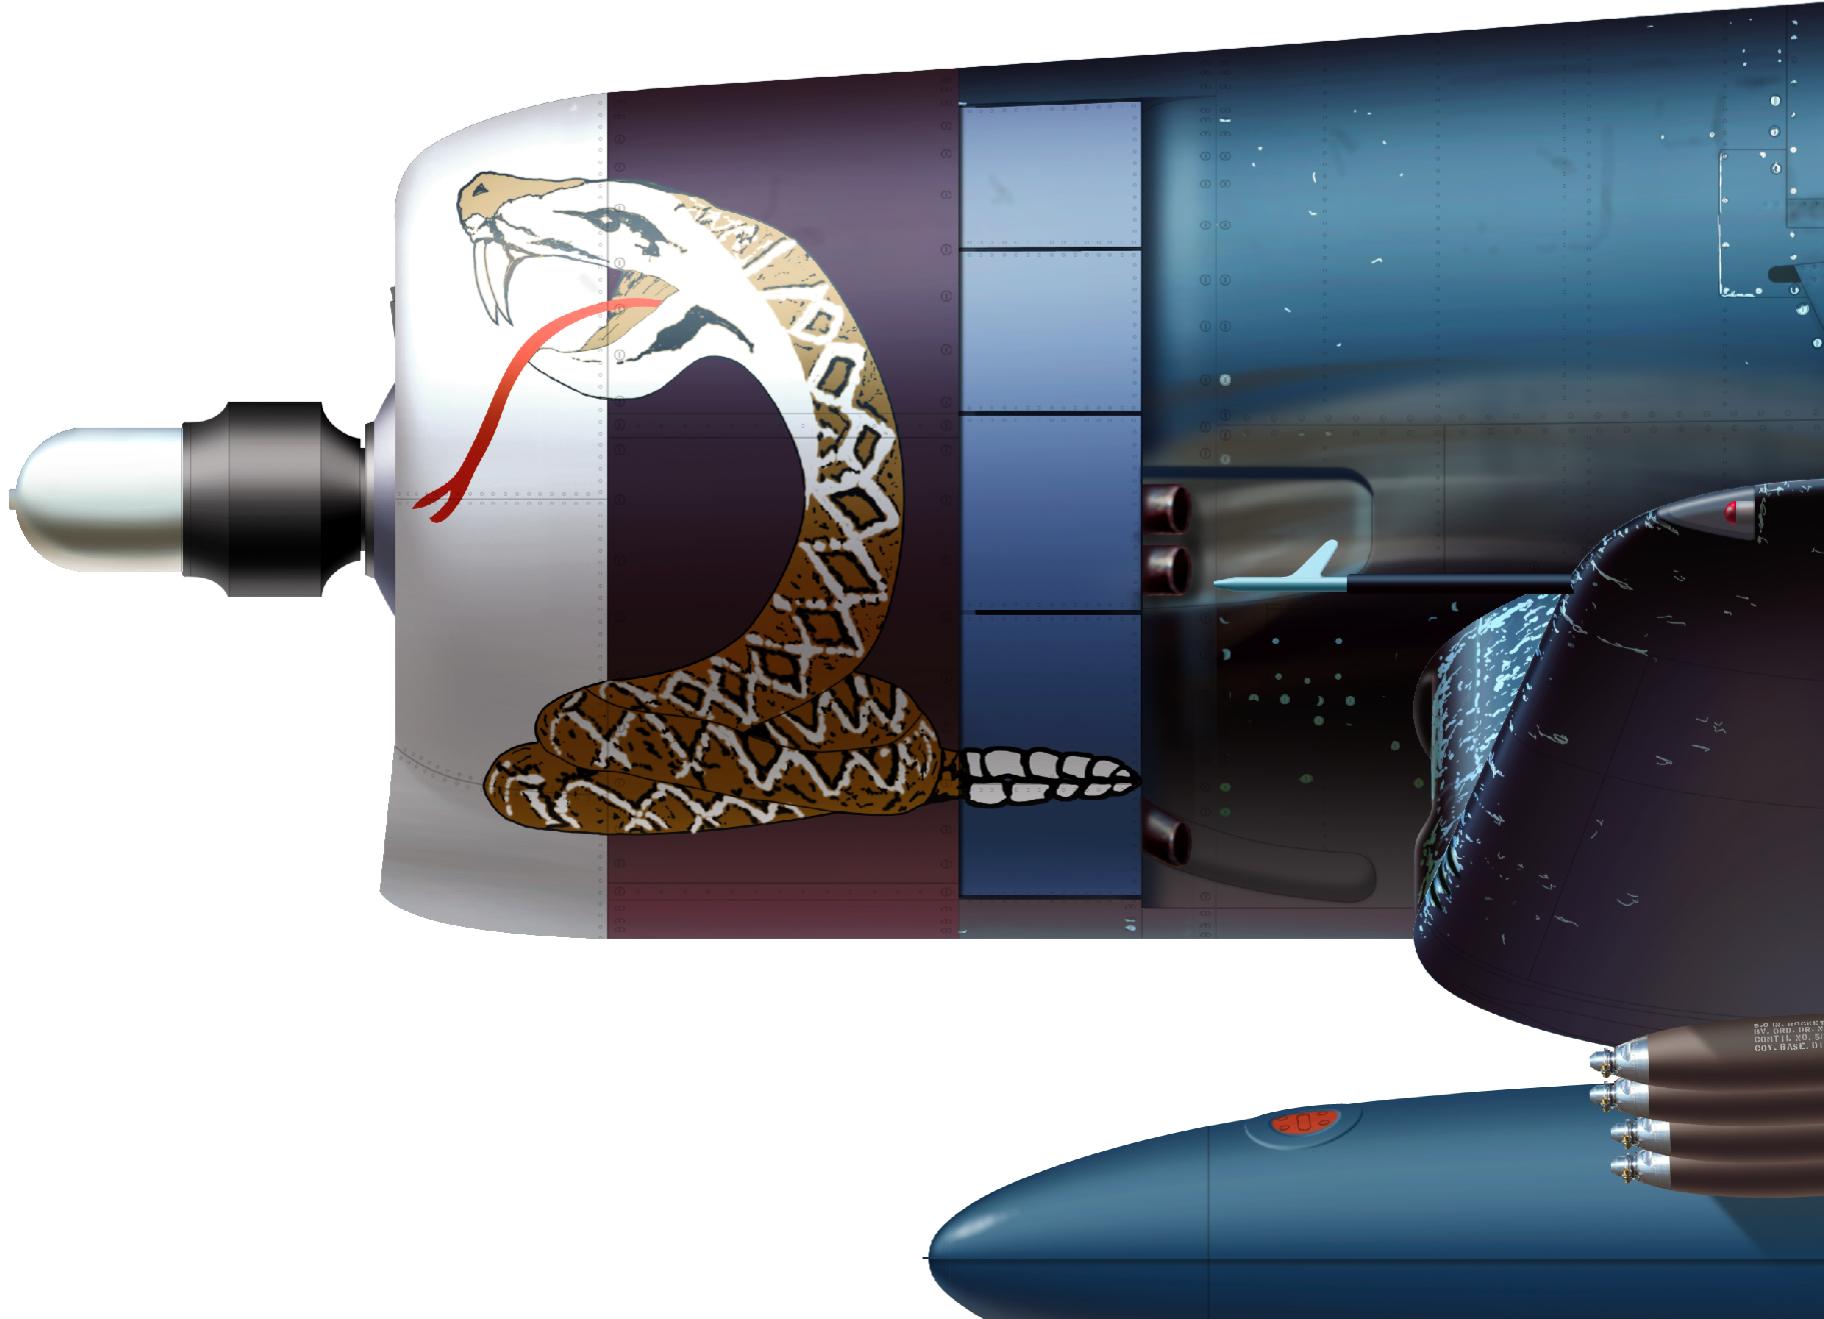 F4u corsair nose art